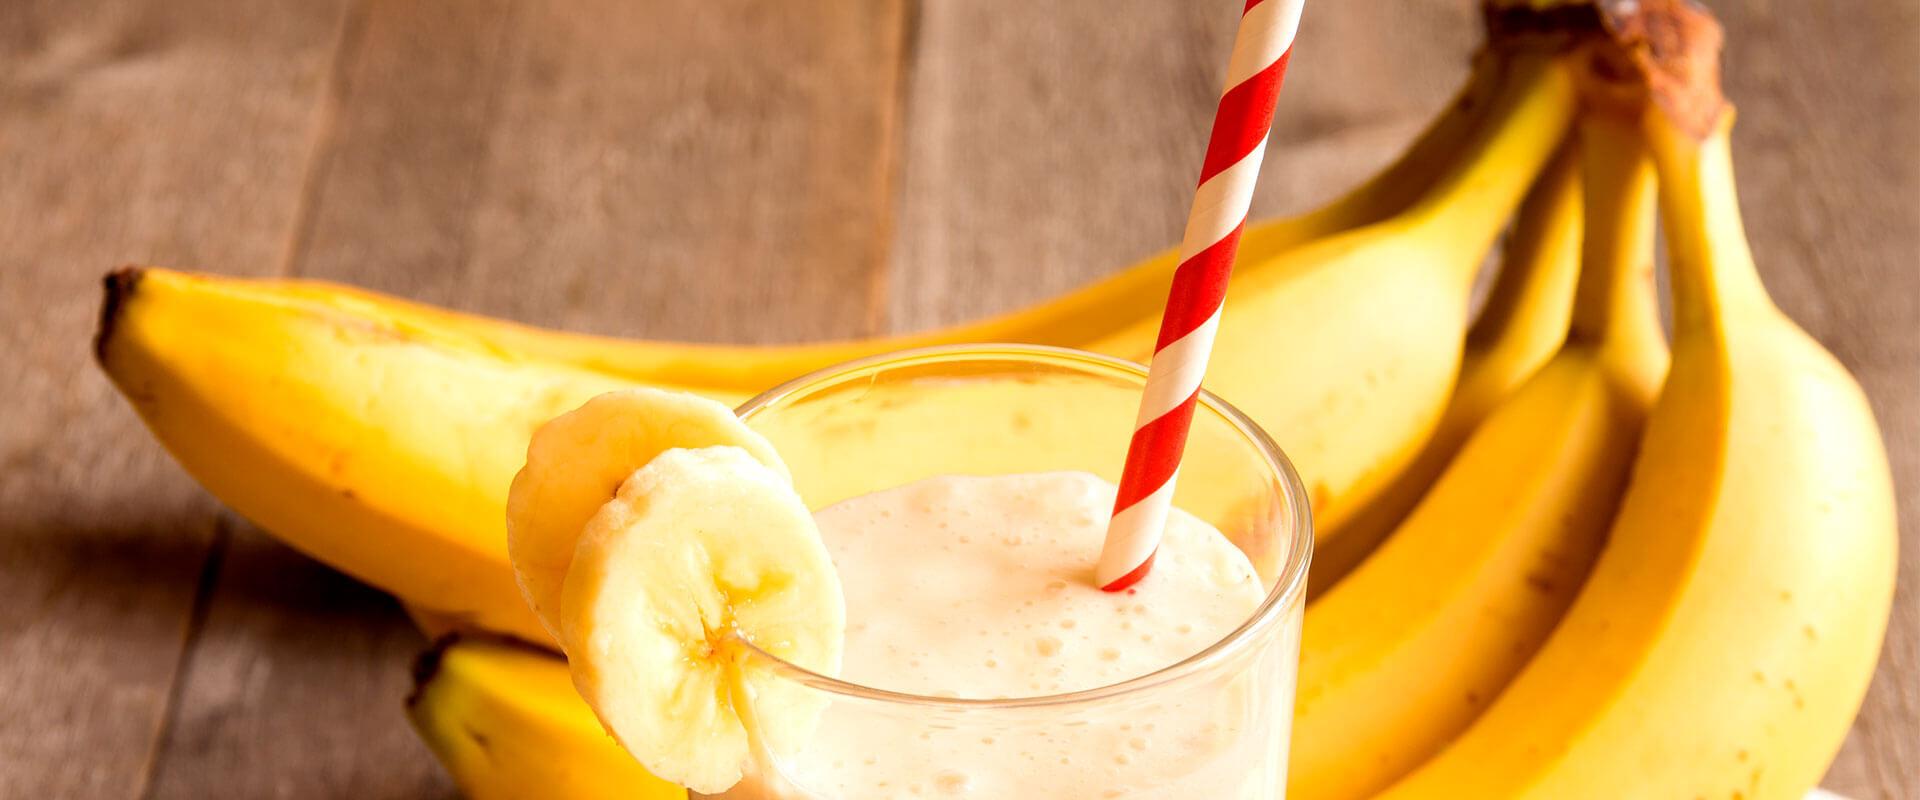 Fotografía de licuado de plátano.